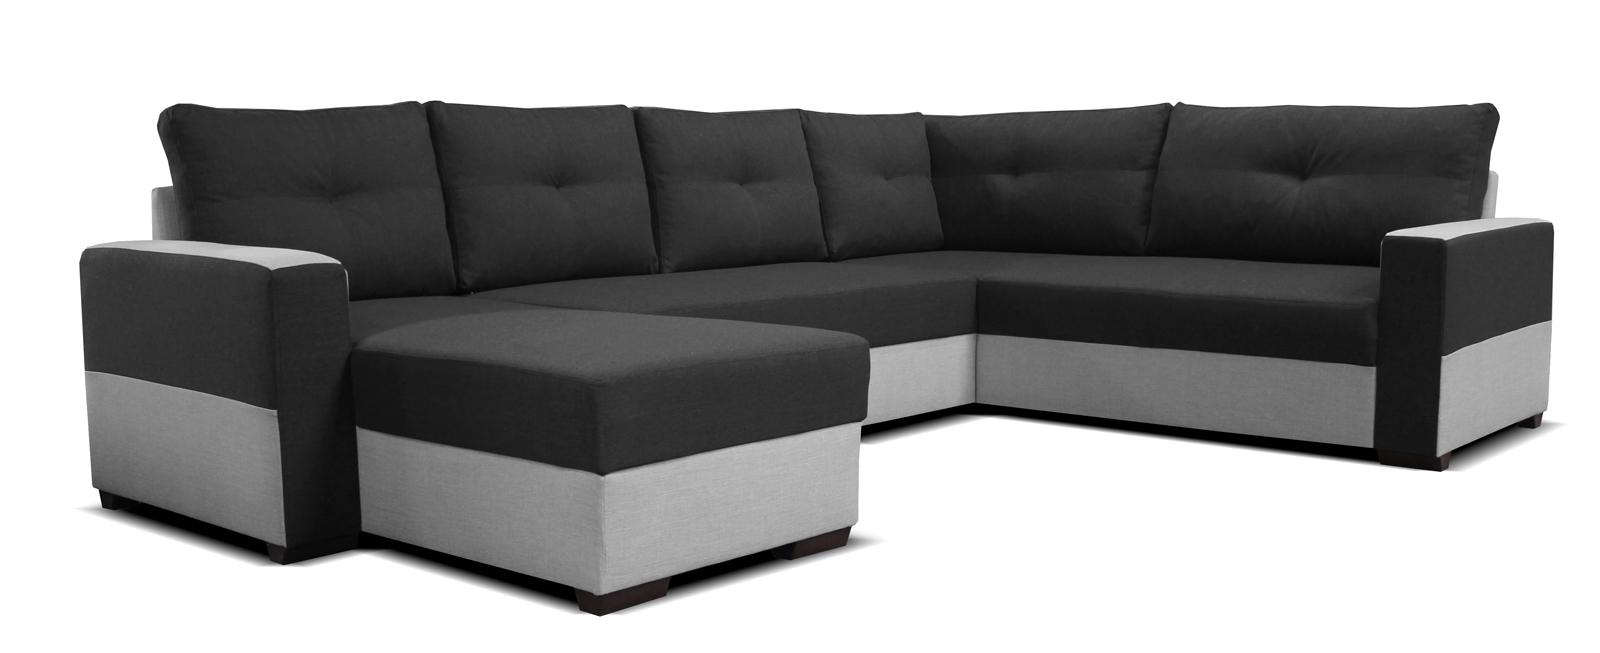 Rohová sedací souprava U - Po-Sed - Arenna L+2+BL (s taburetem) (černá + šedá) (L)